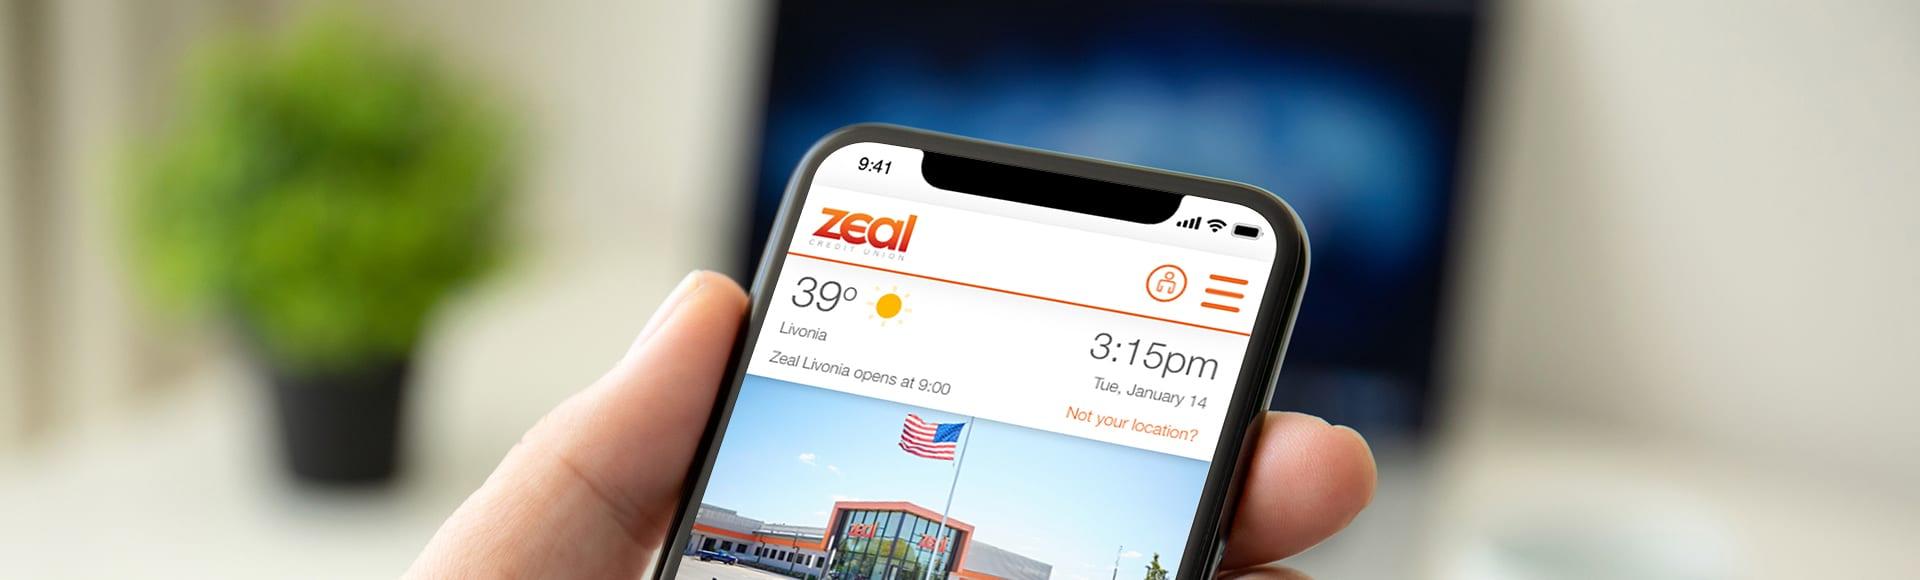 Zeal Website screenshot on iPhone X